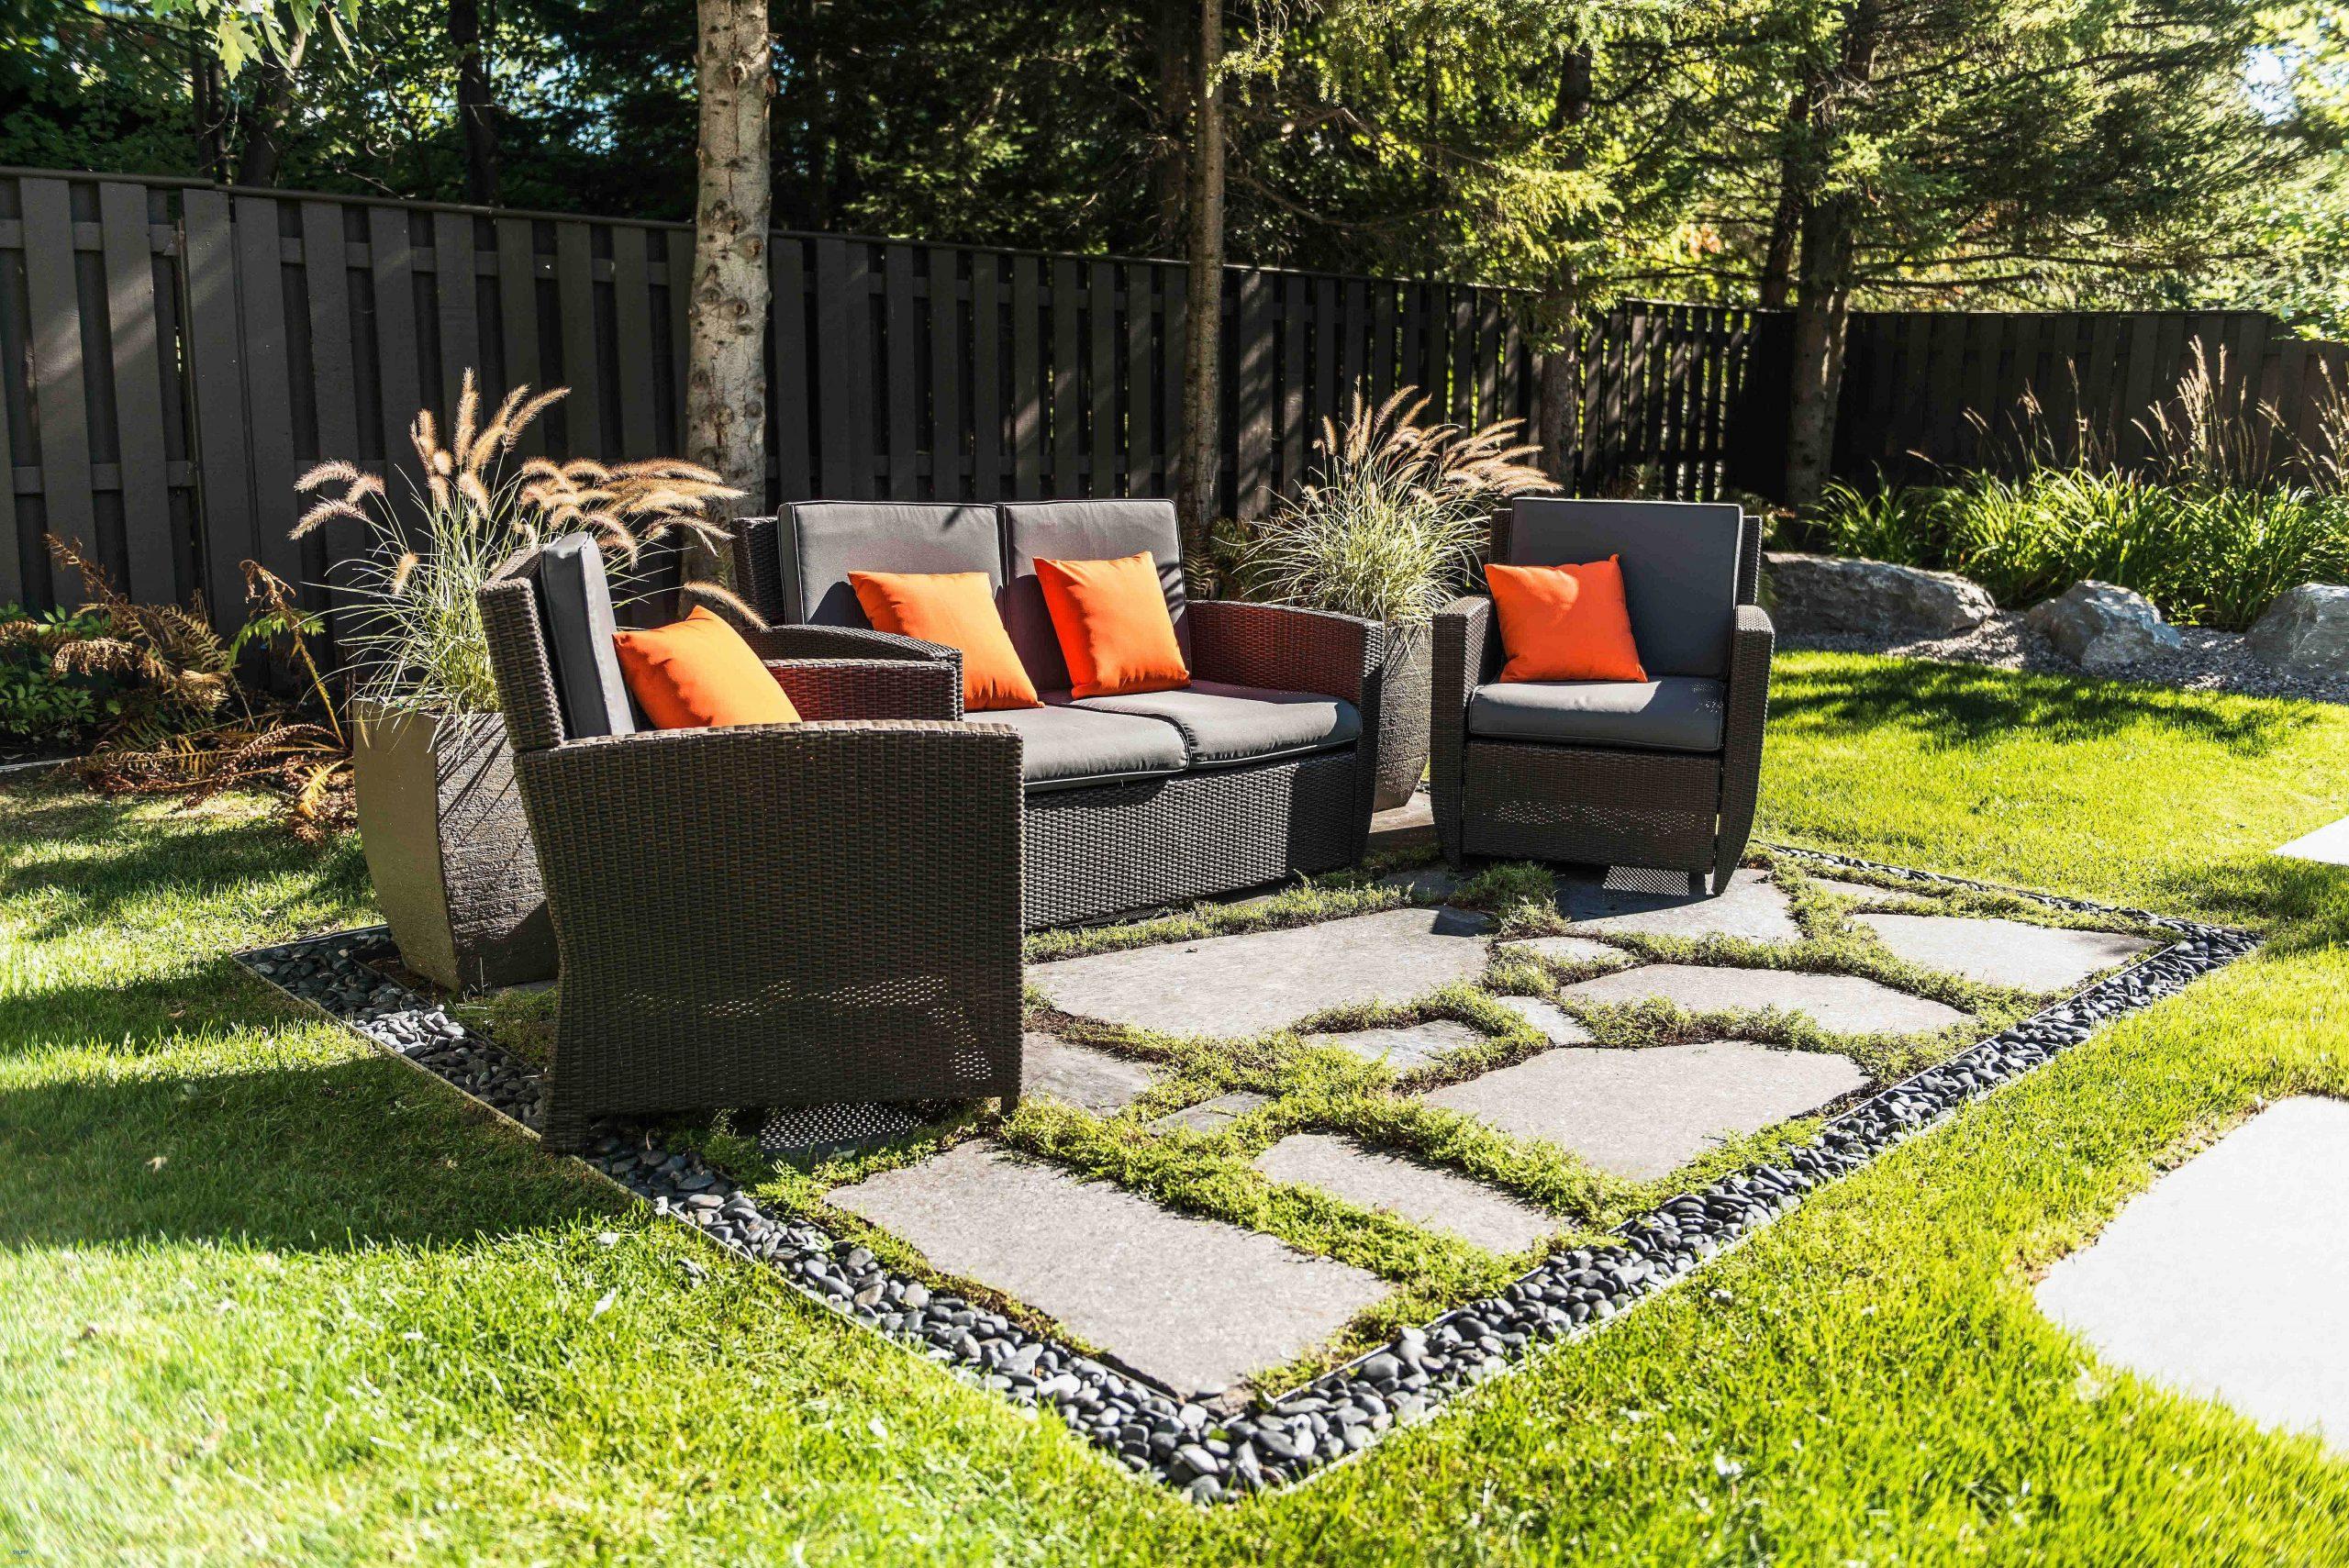 Idee De Deco Jardin Exterieur Pas Cher | Outdoor Furniture ... dedans Idée Déco Jardin Extérieur Pas Cher